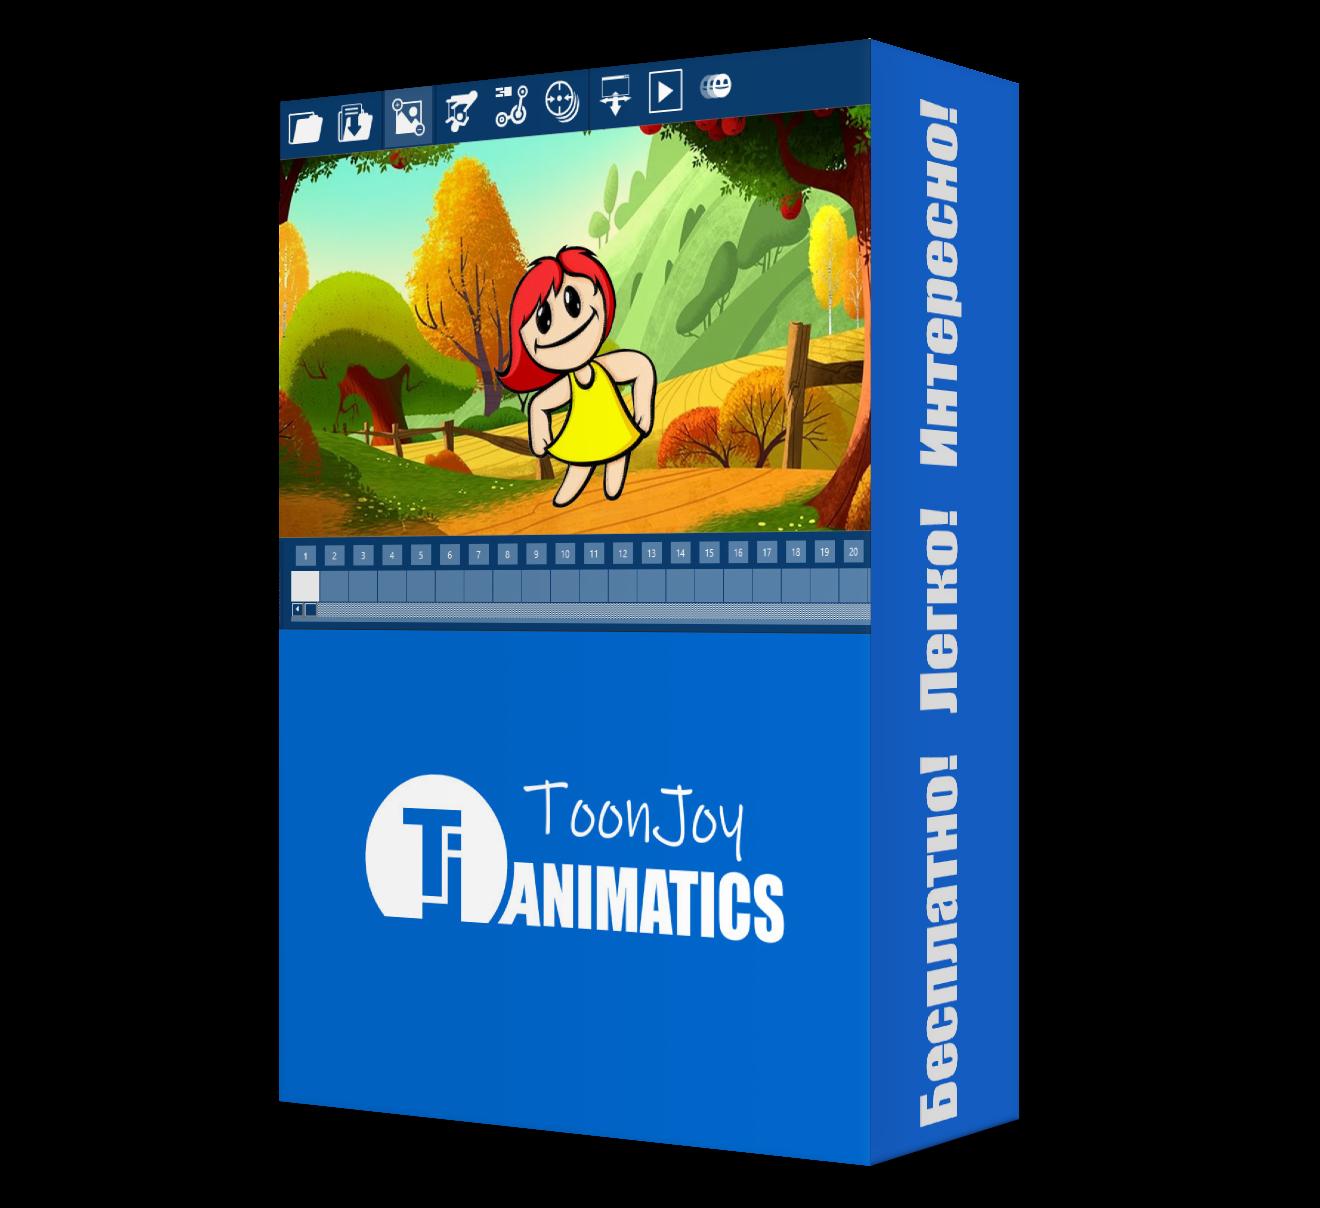 ToonJoy Animatics программа для создания анимации